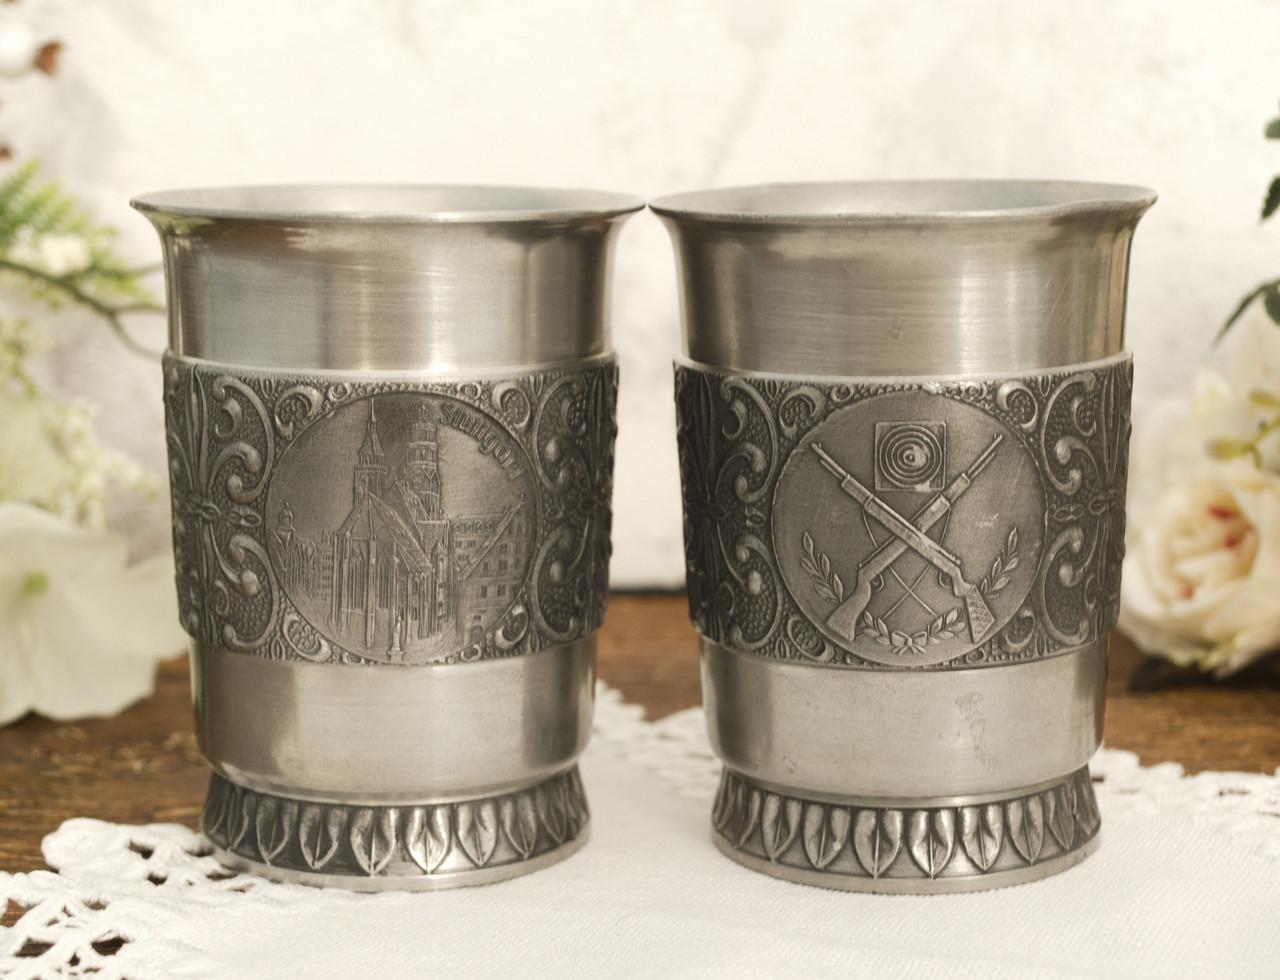 Два оловянных бокала, пищевое олово, Германия, 250 мл